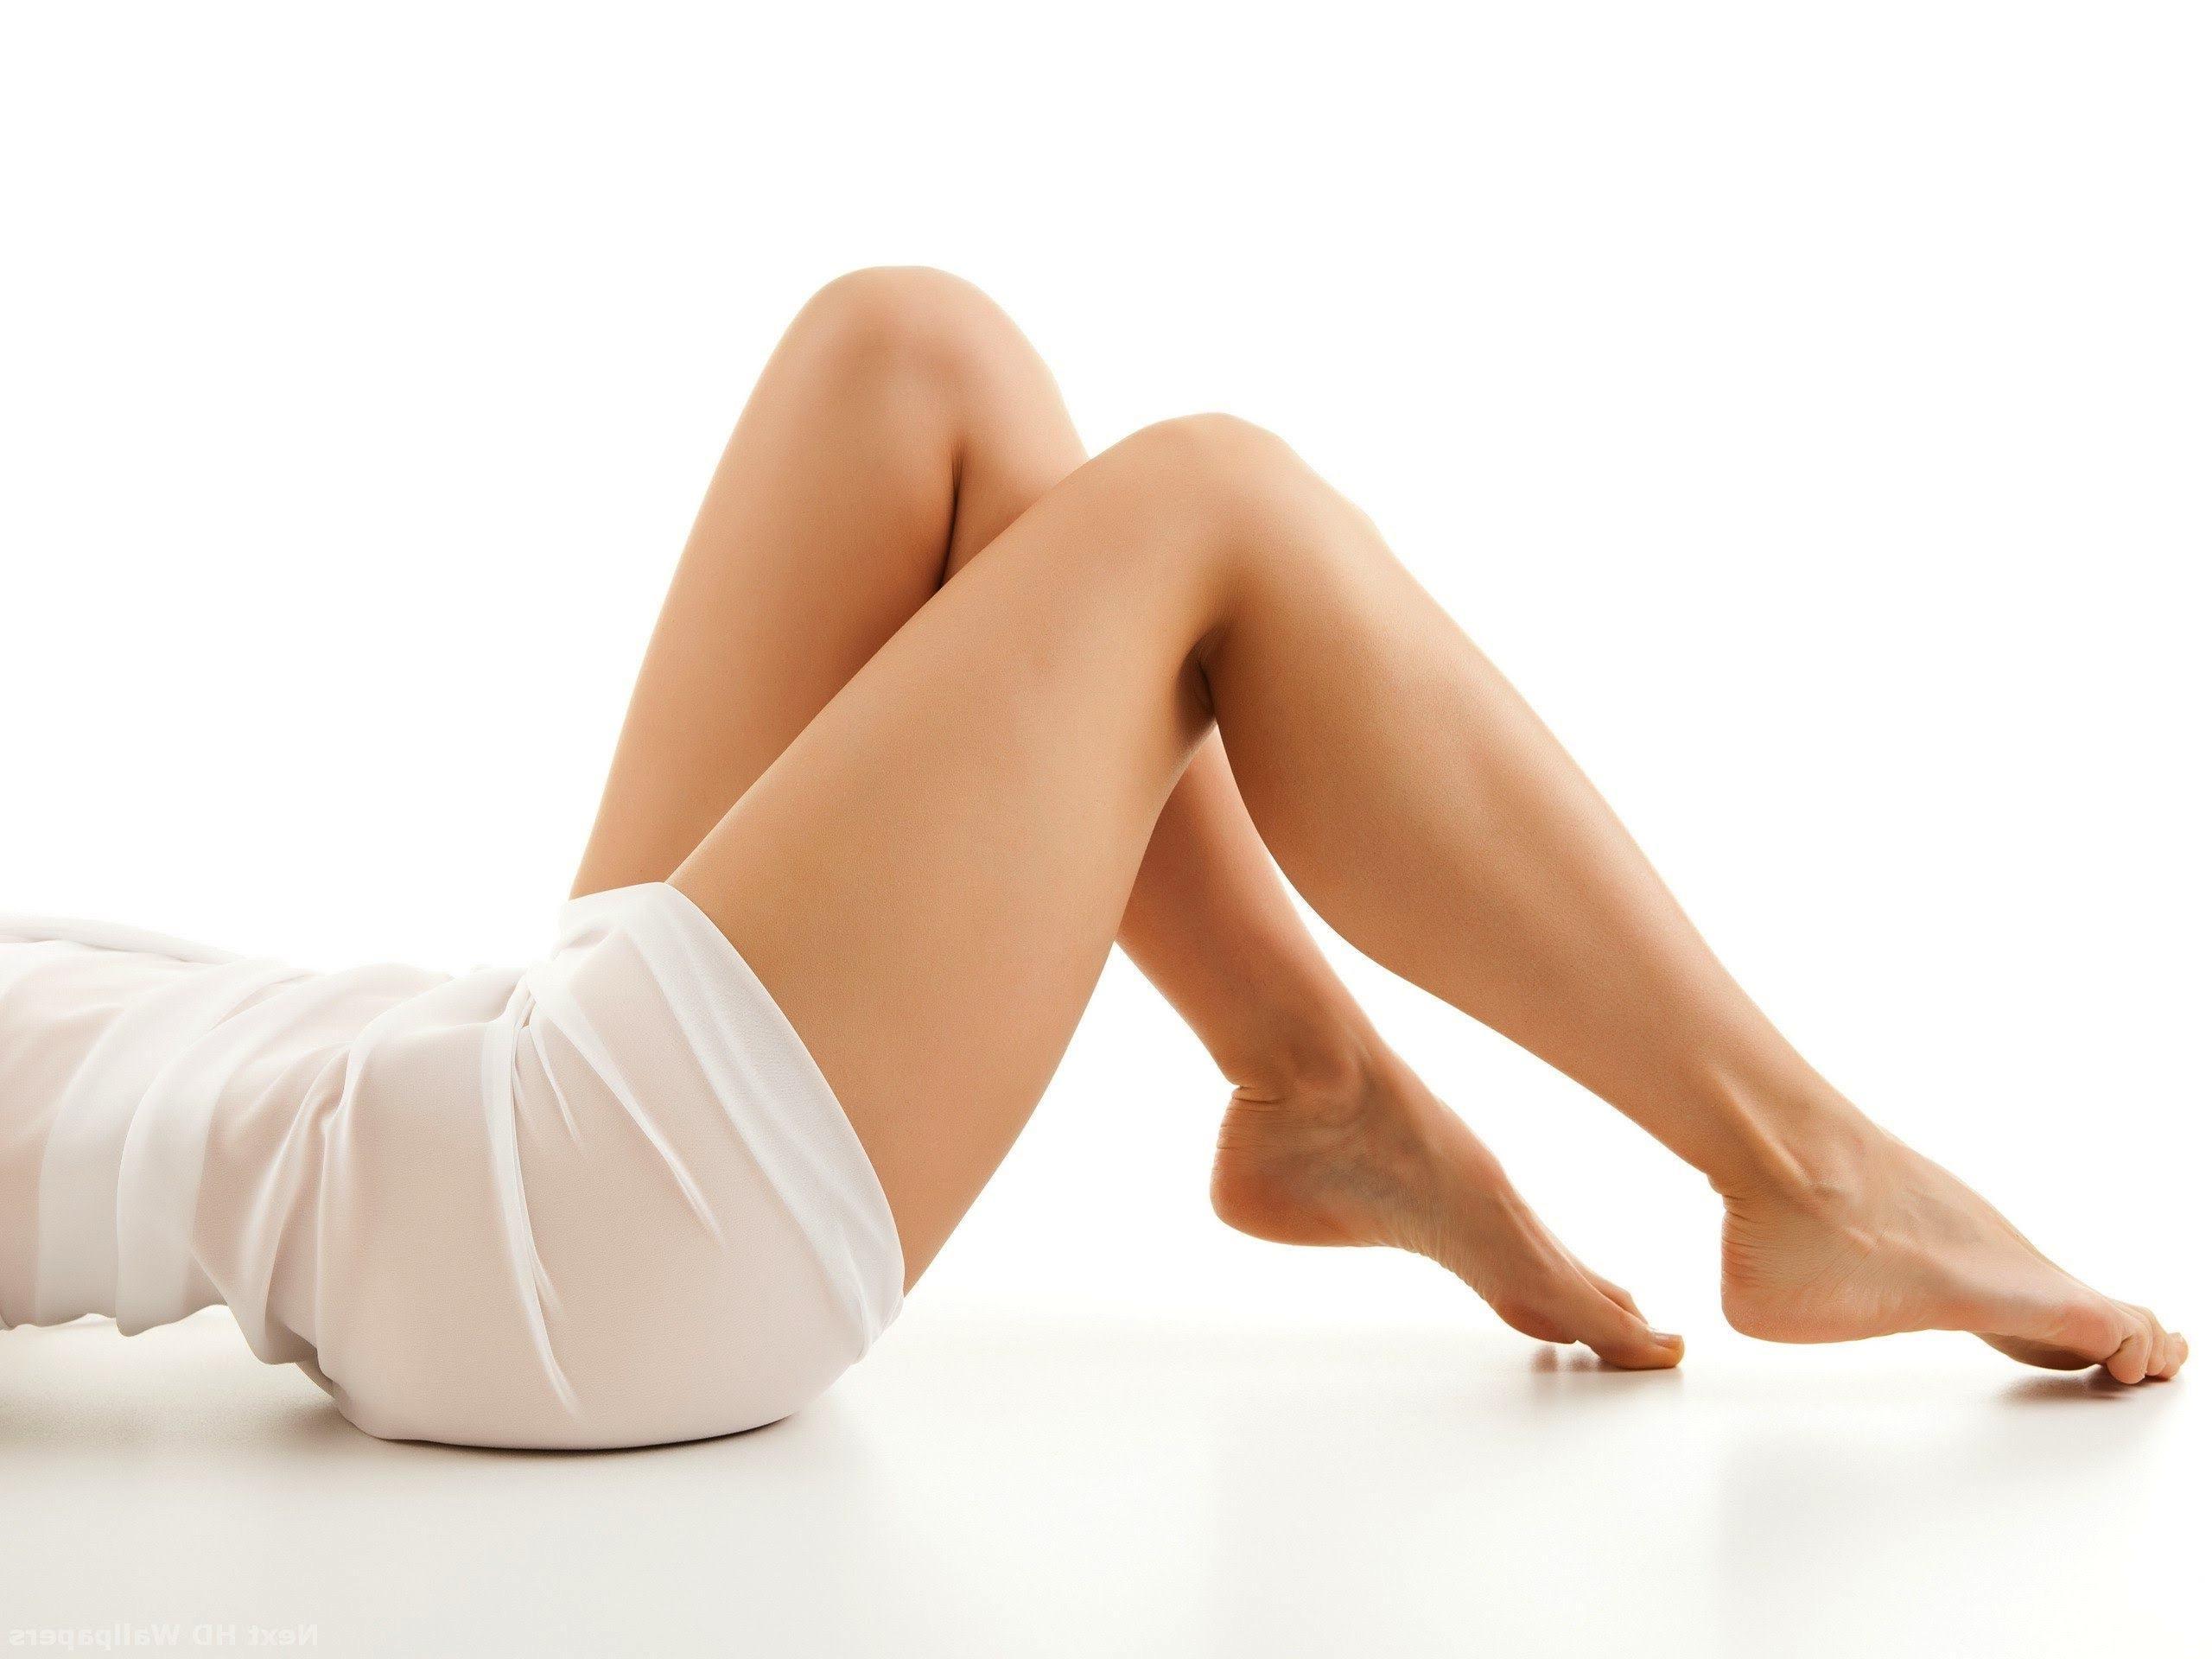 Você sabia? Quando os músculos da perna são resistentes, o cérebro envelhece melhor